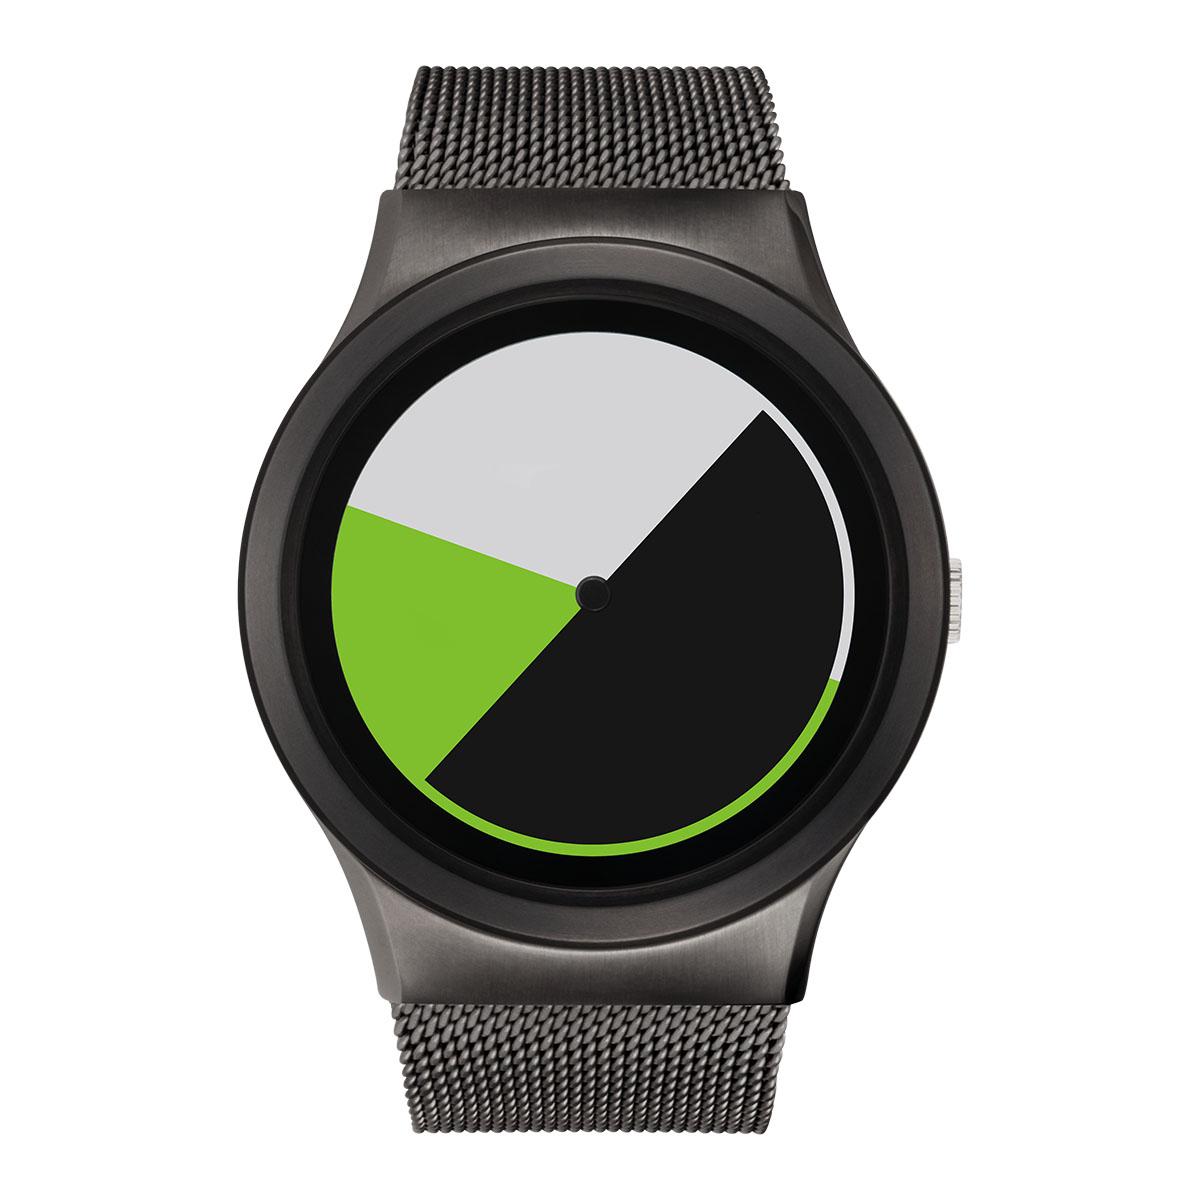 ZEROO COLORED TIME ゼロ 電池式クォーツ 腕時計 [W01004B02SM02] グリーン デザインウォッチ ペア用 メンズ レディース ユニセックス おしゃれ時計 デザイナーズ